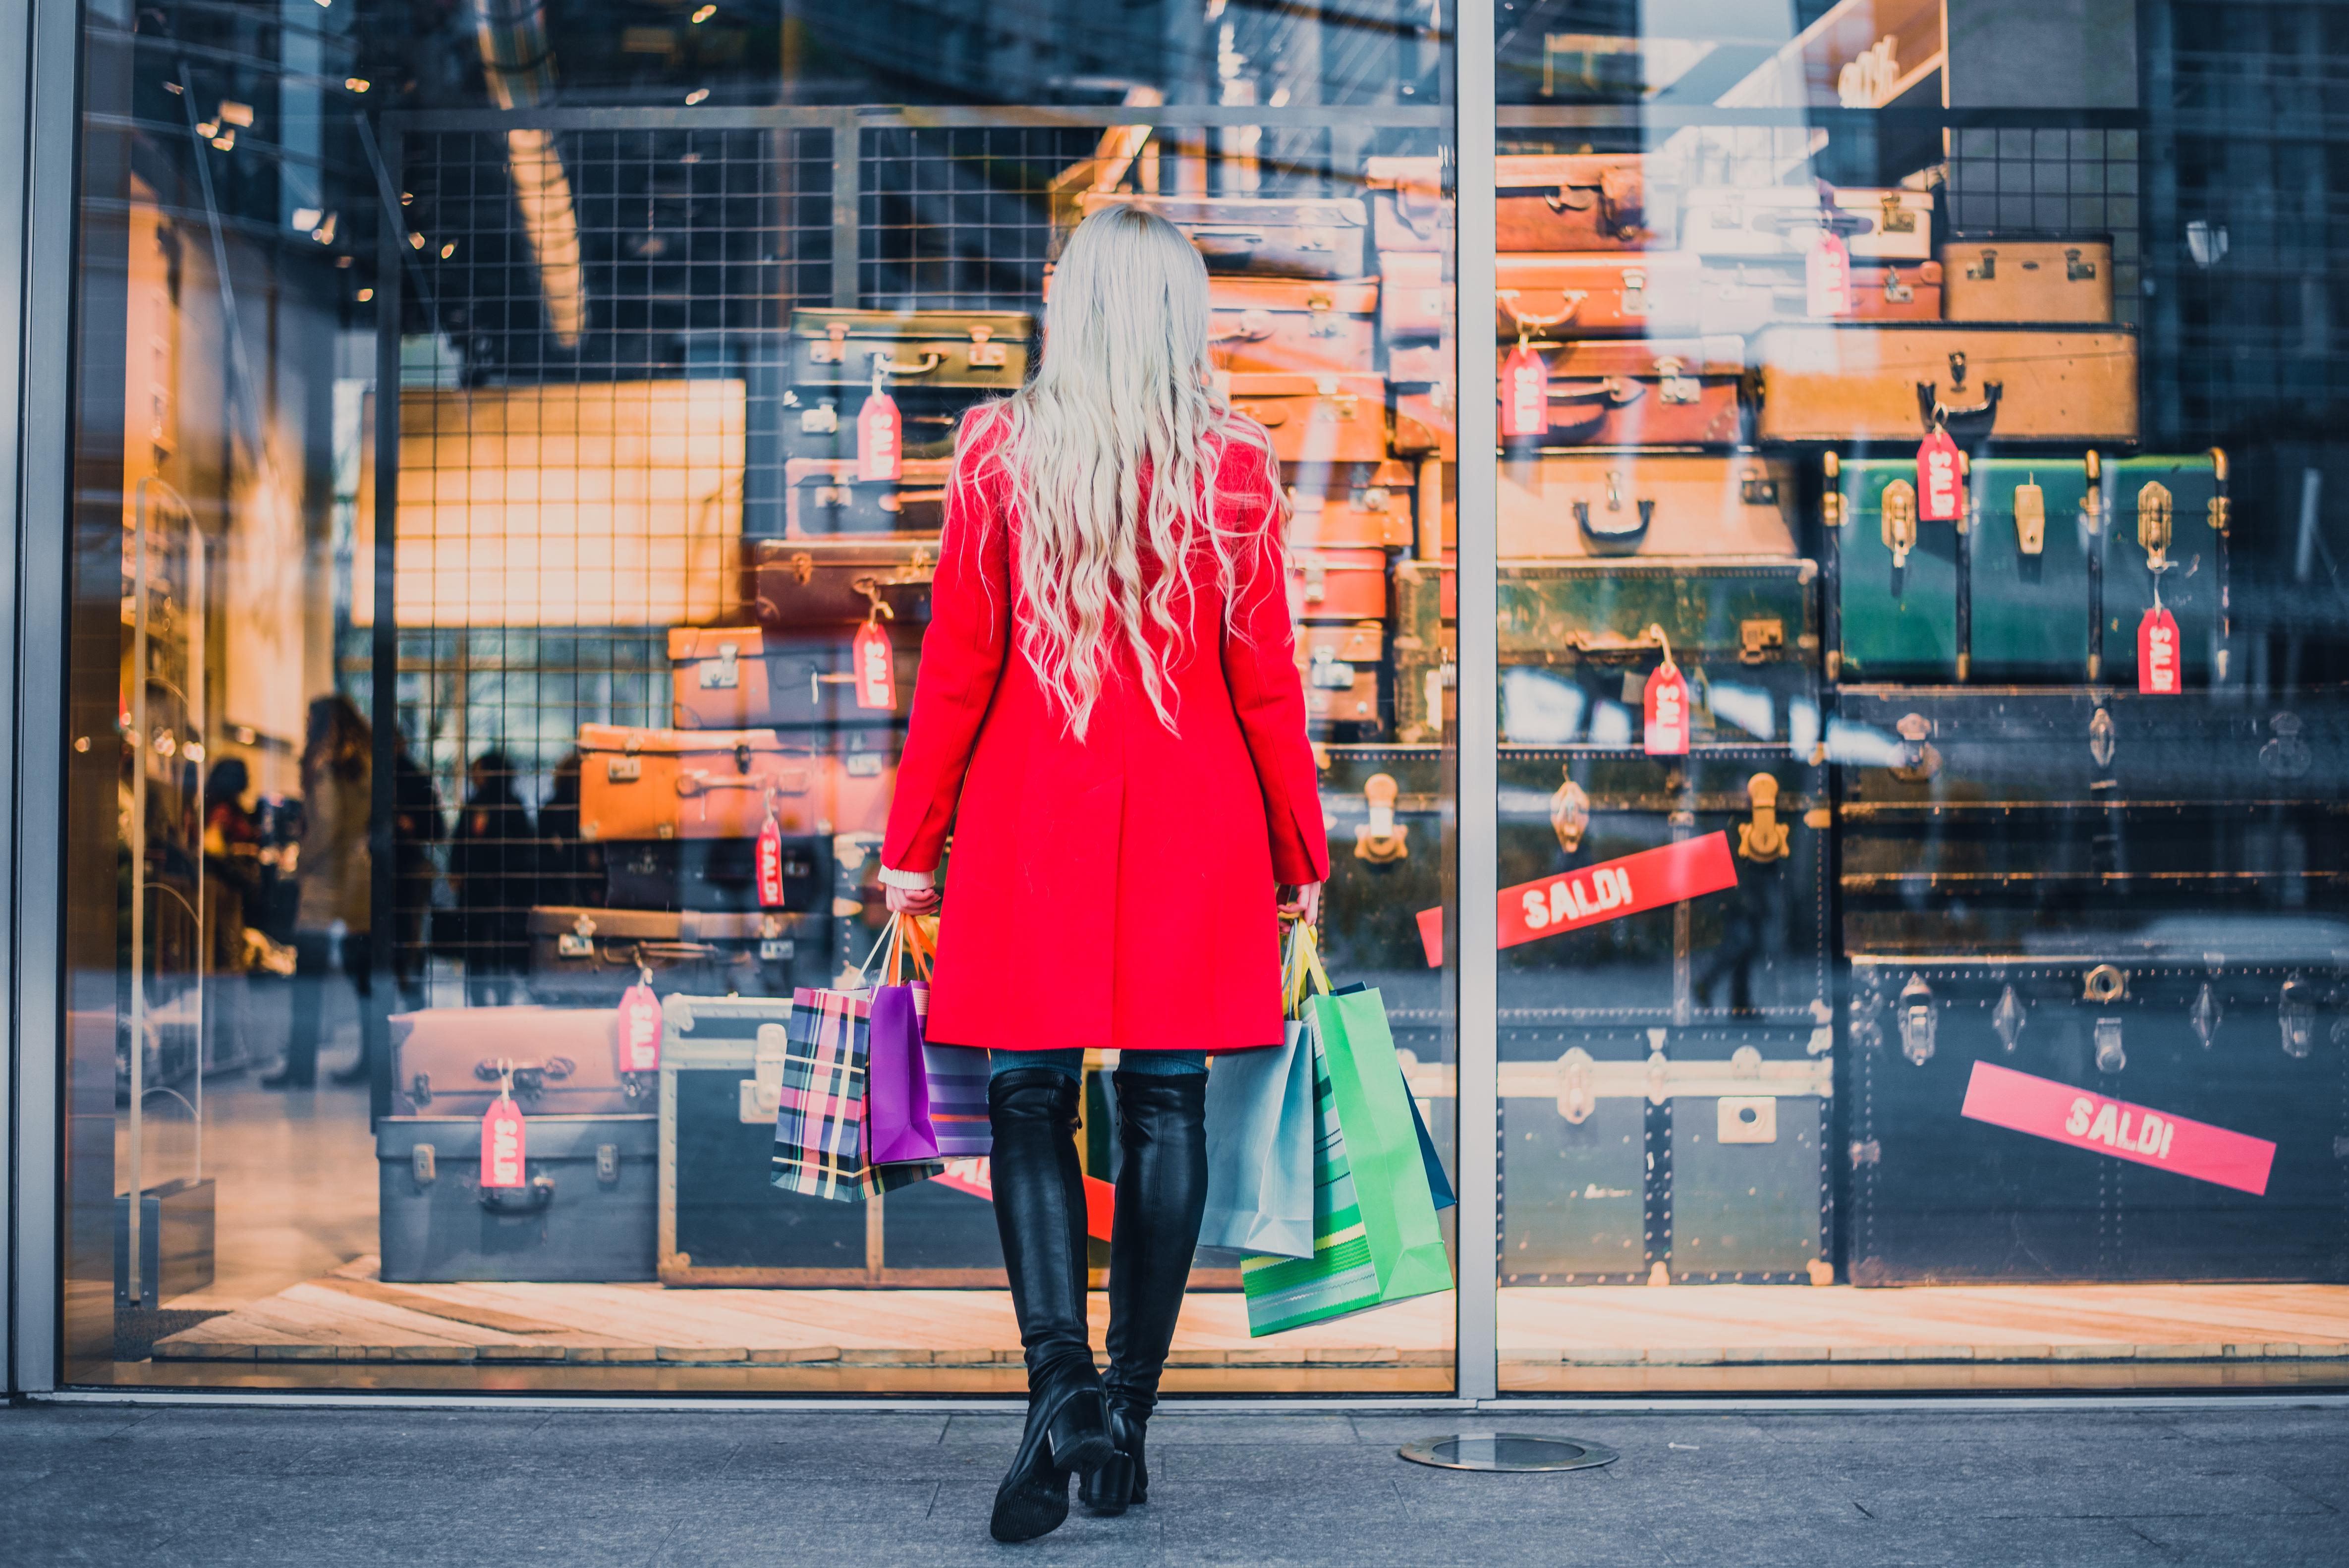 shop in shop crea luoghi per l'incontro tra brand e cliente